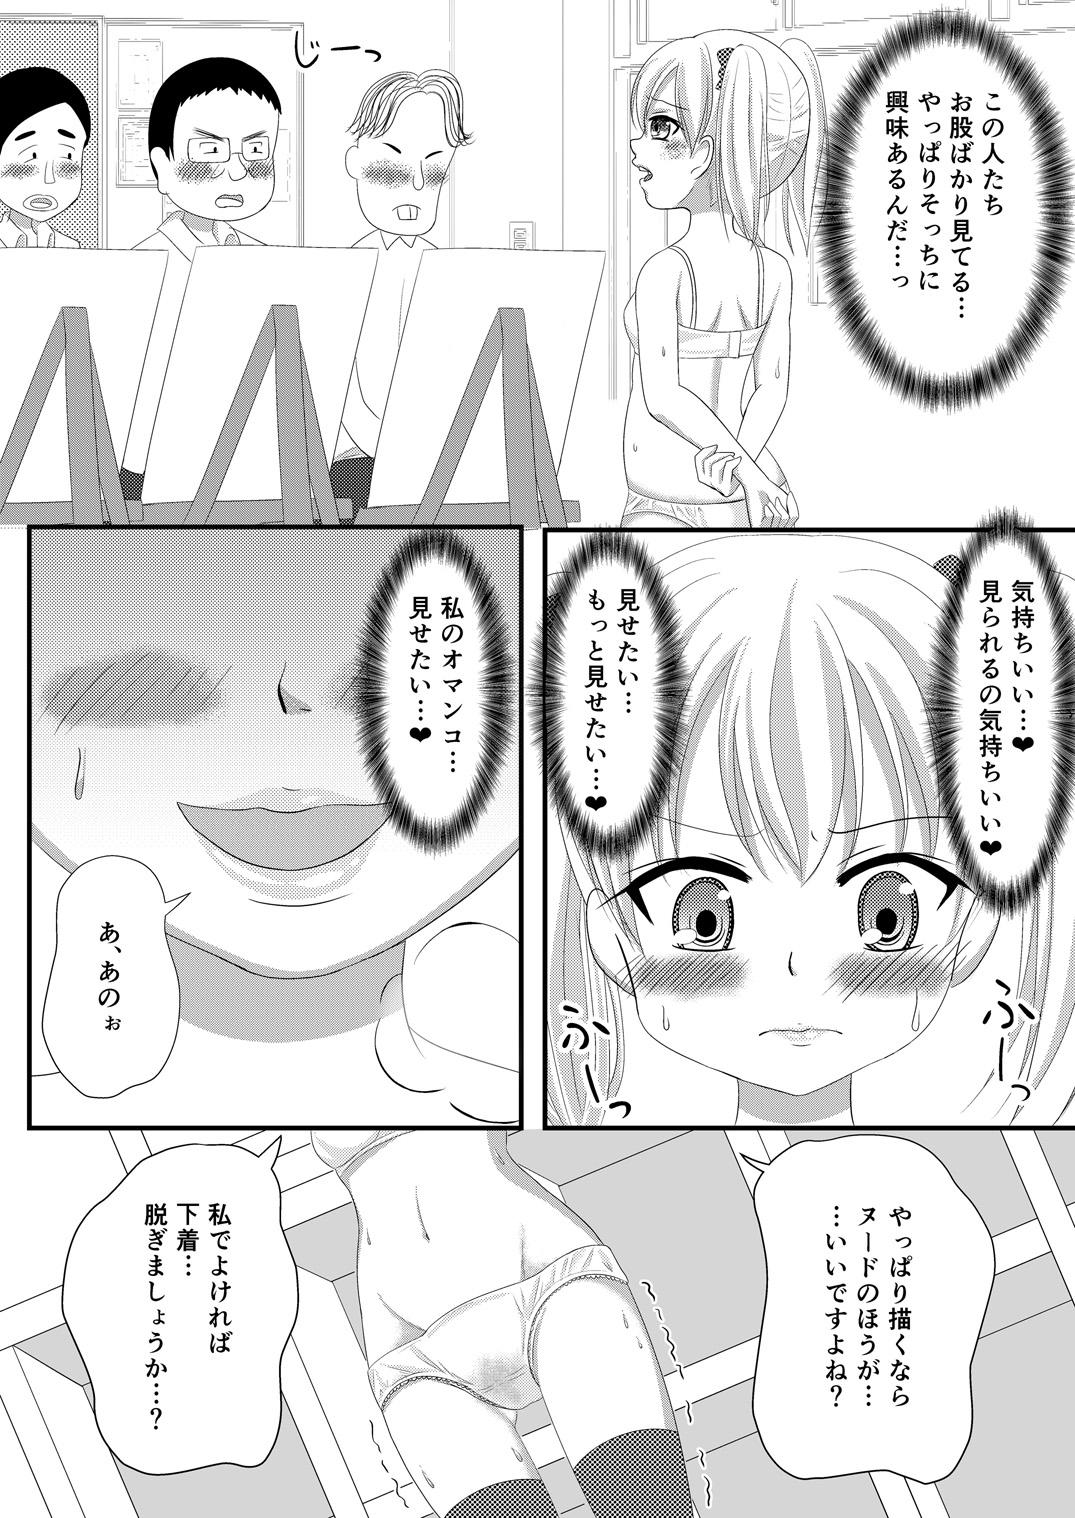 露出の快感でJKのオマンコがヌレヌレになって、頼まれていないのでオマンコまで見せちゃう露出痴女に変身!!【エロ漫画・エロ同人】 (14)